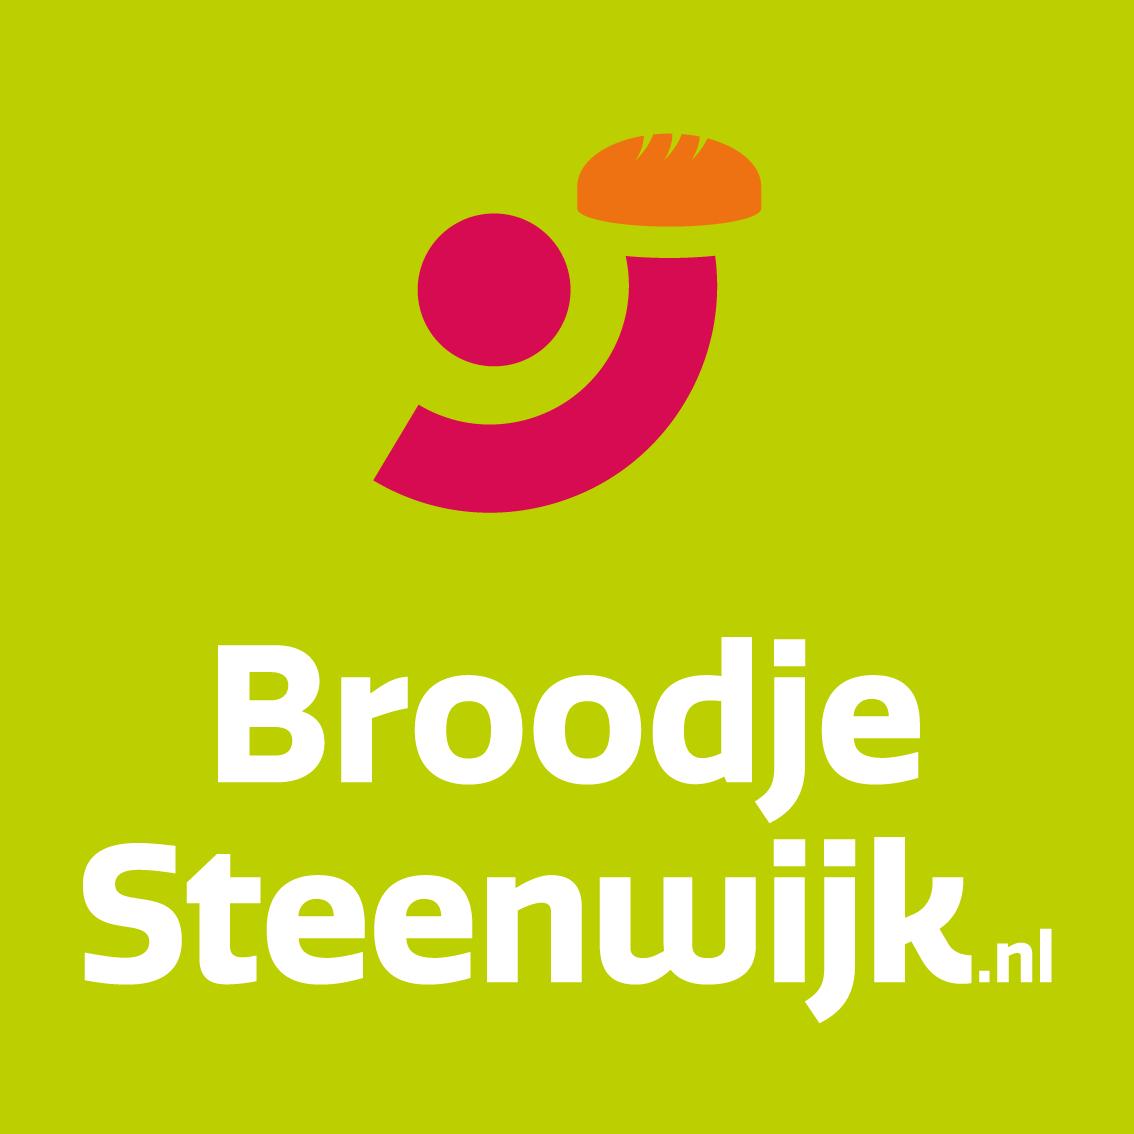 BroodjeSteenwijk.nl